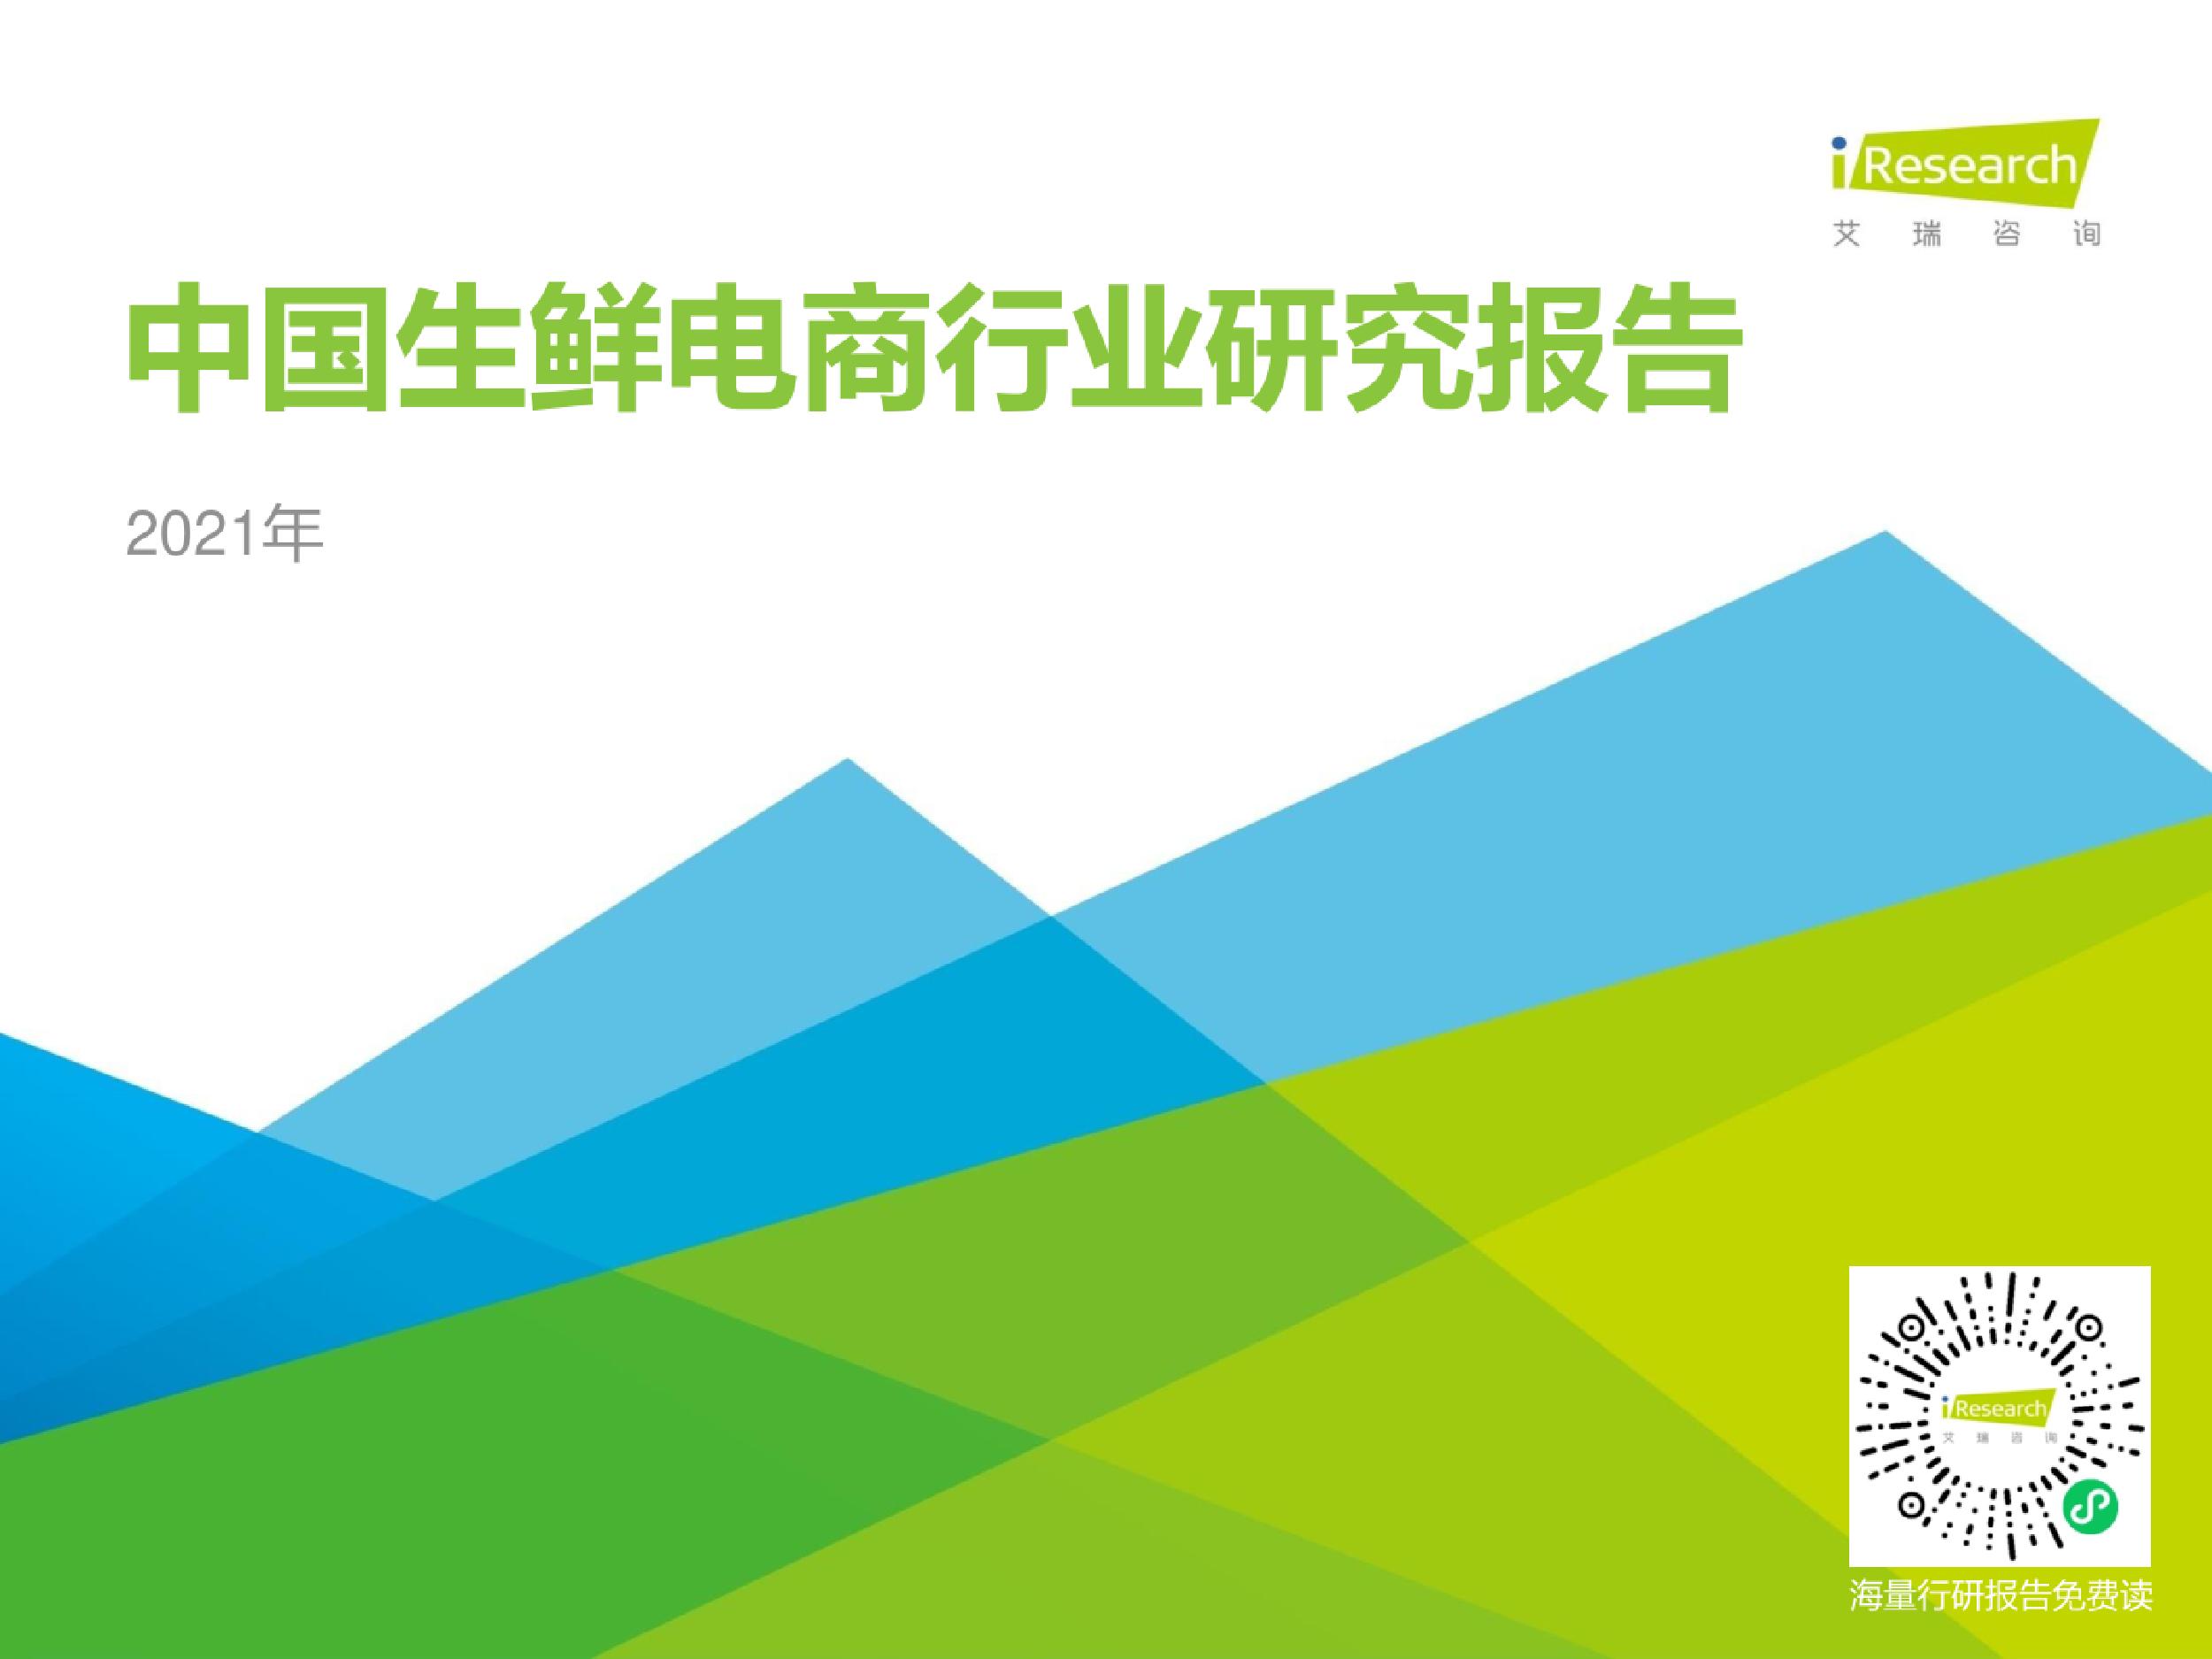 2021年中国生鲜电商行业研究报告